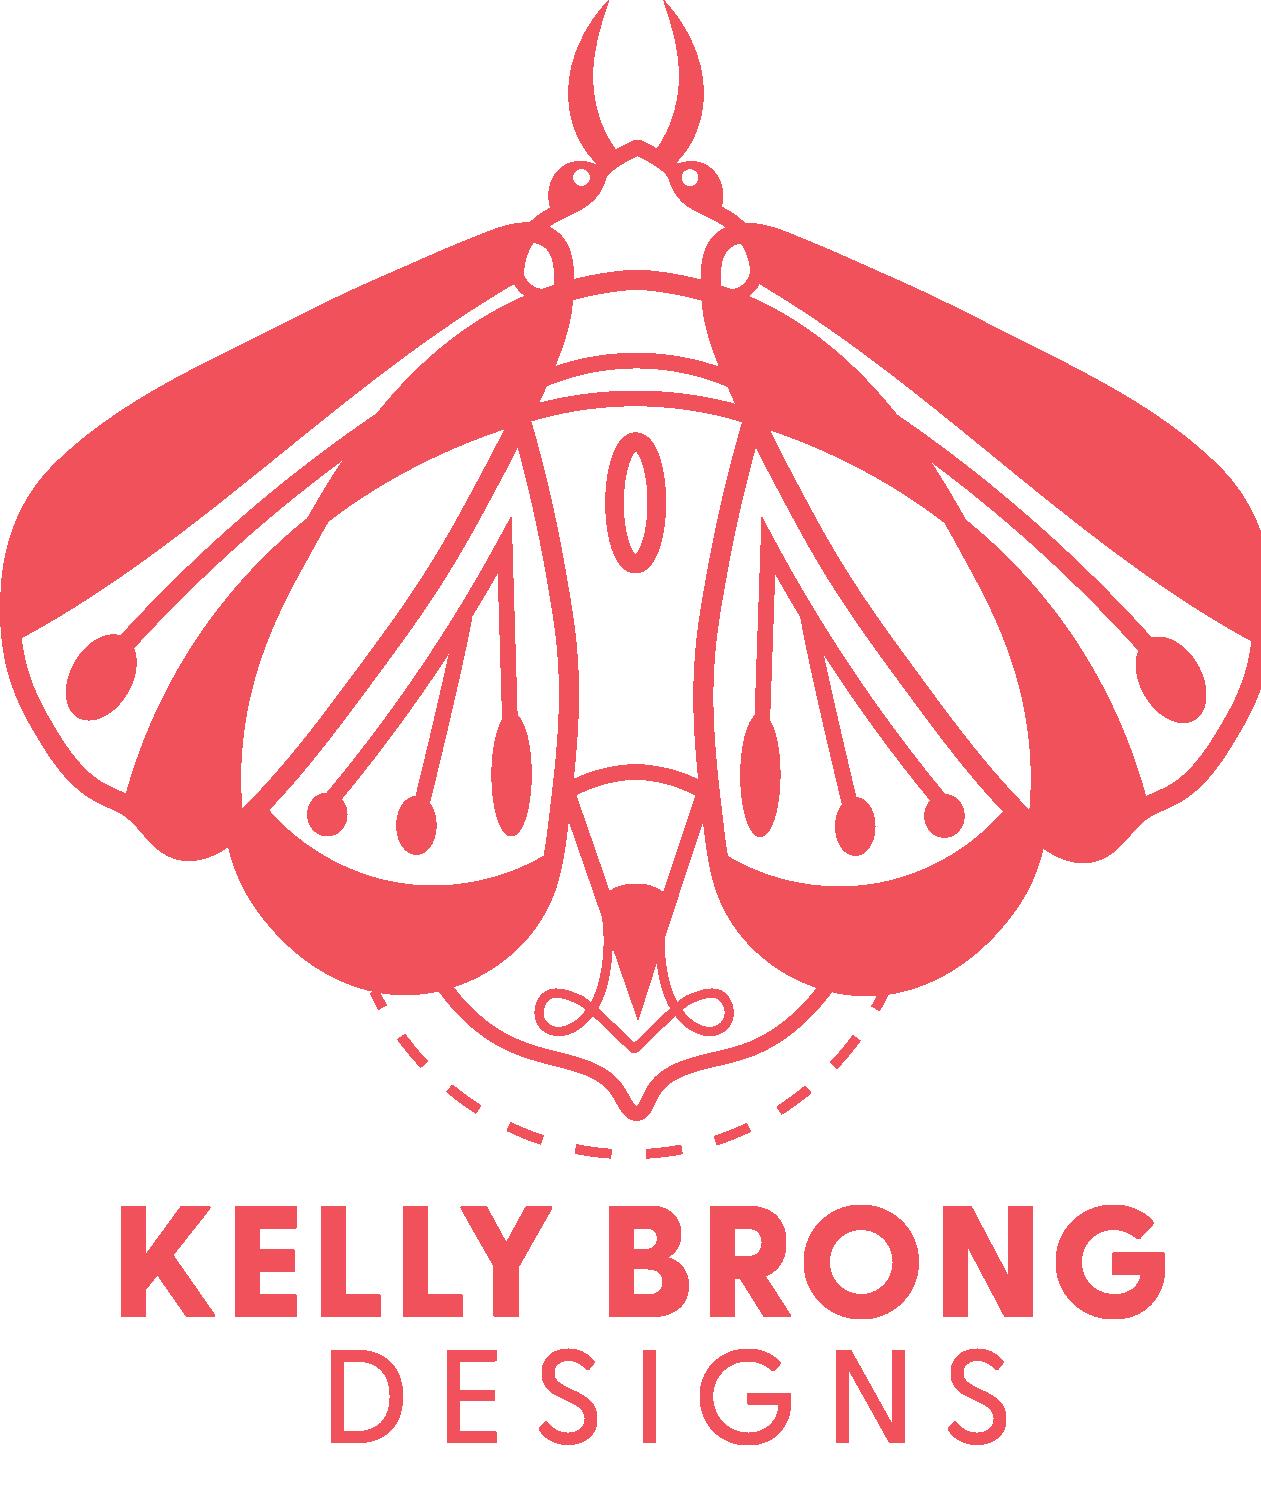 Kelly Brong